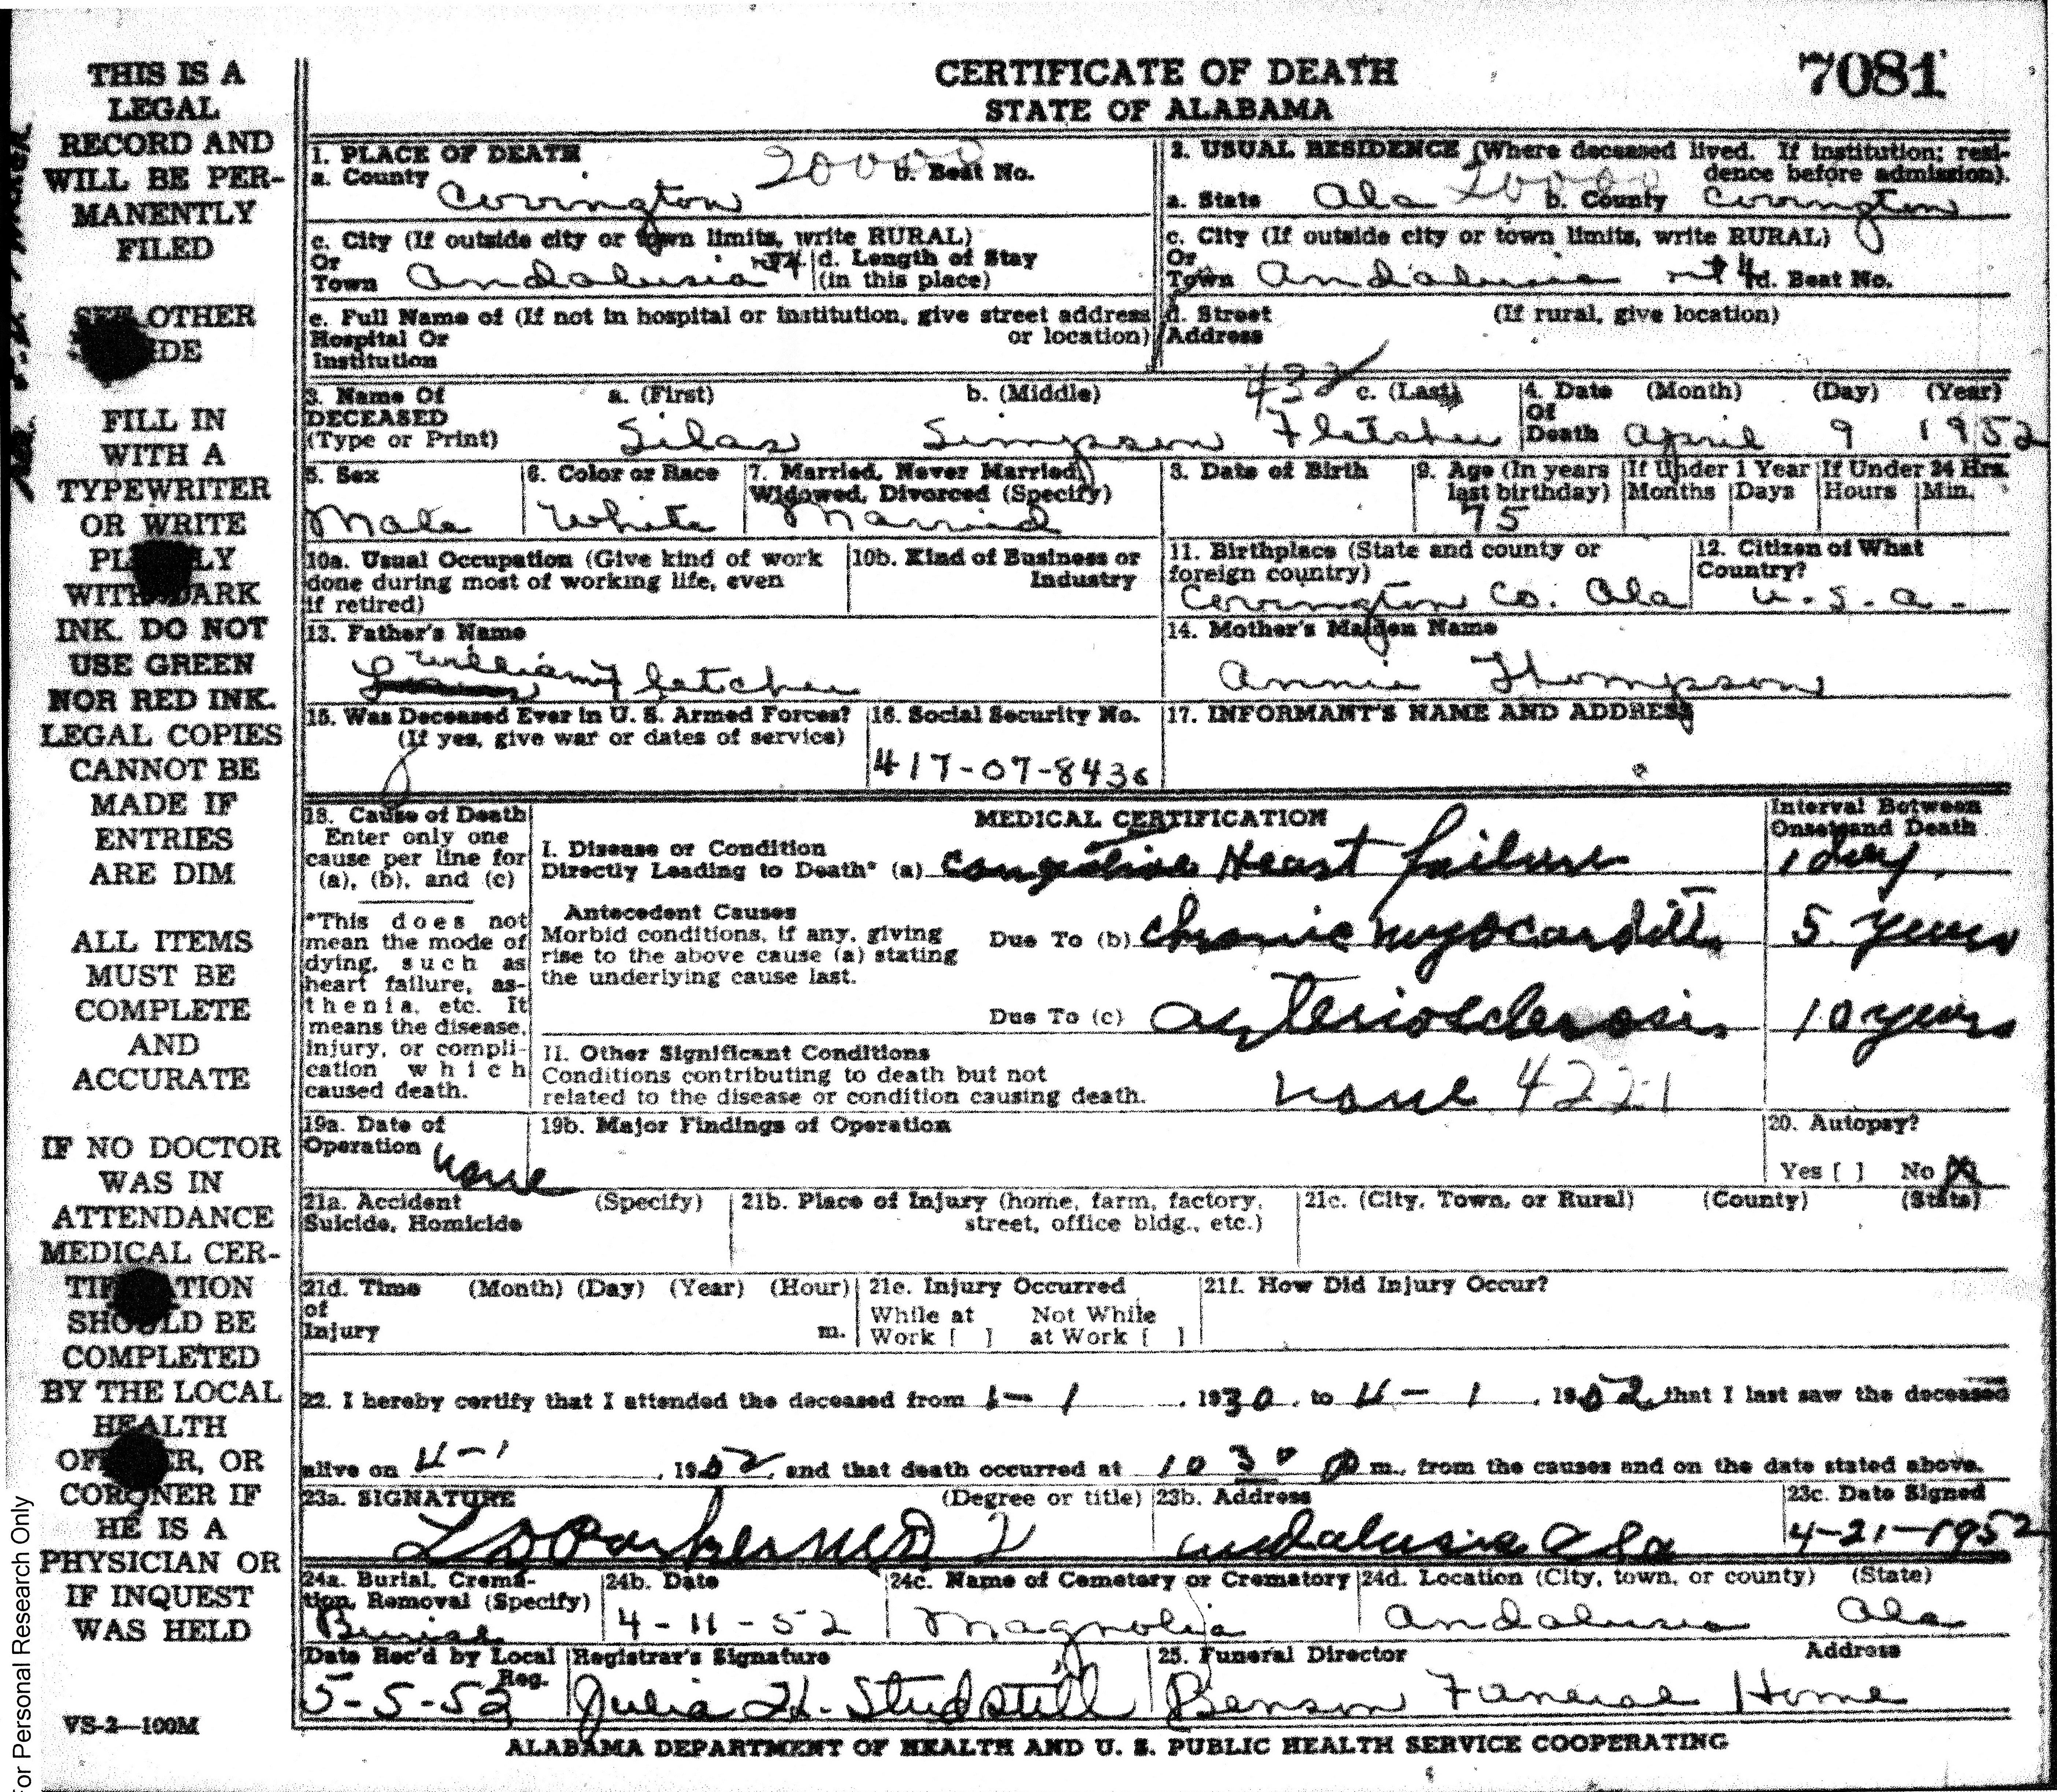 Silas fletcher death certificate original digital image 5616 x 4893 pixels xflitez Choice Image